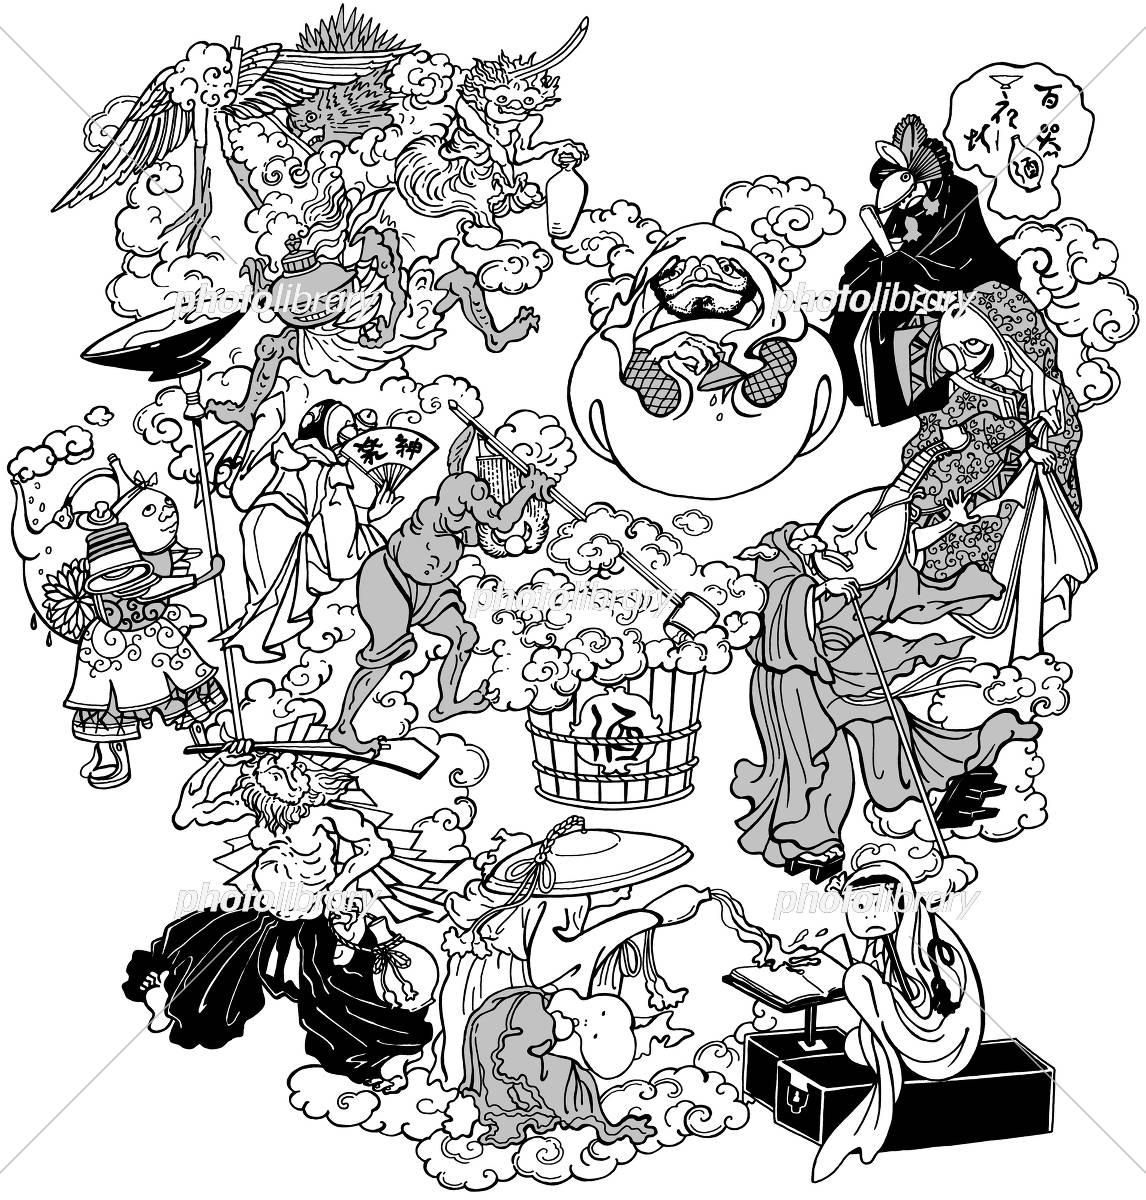 妖怪 イラスト素材 3000683 フォトライブラリー Photolibrary